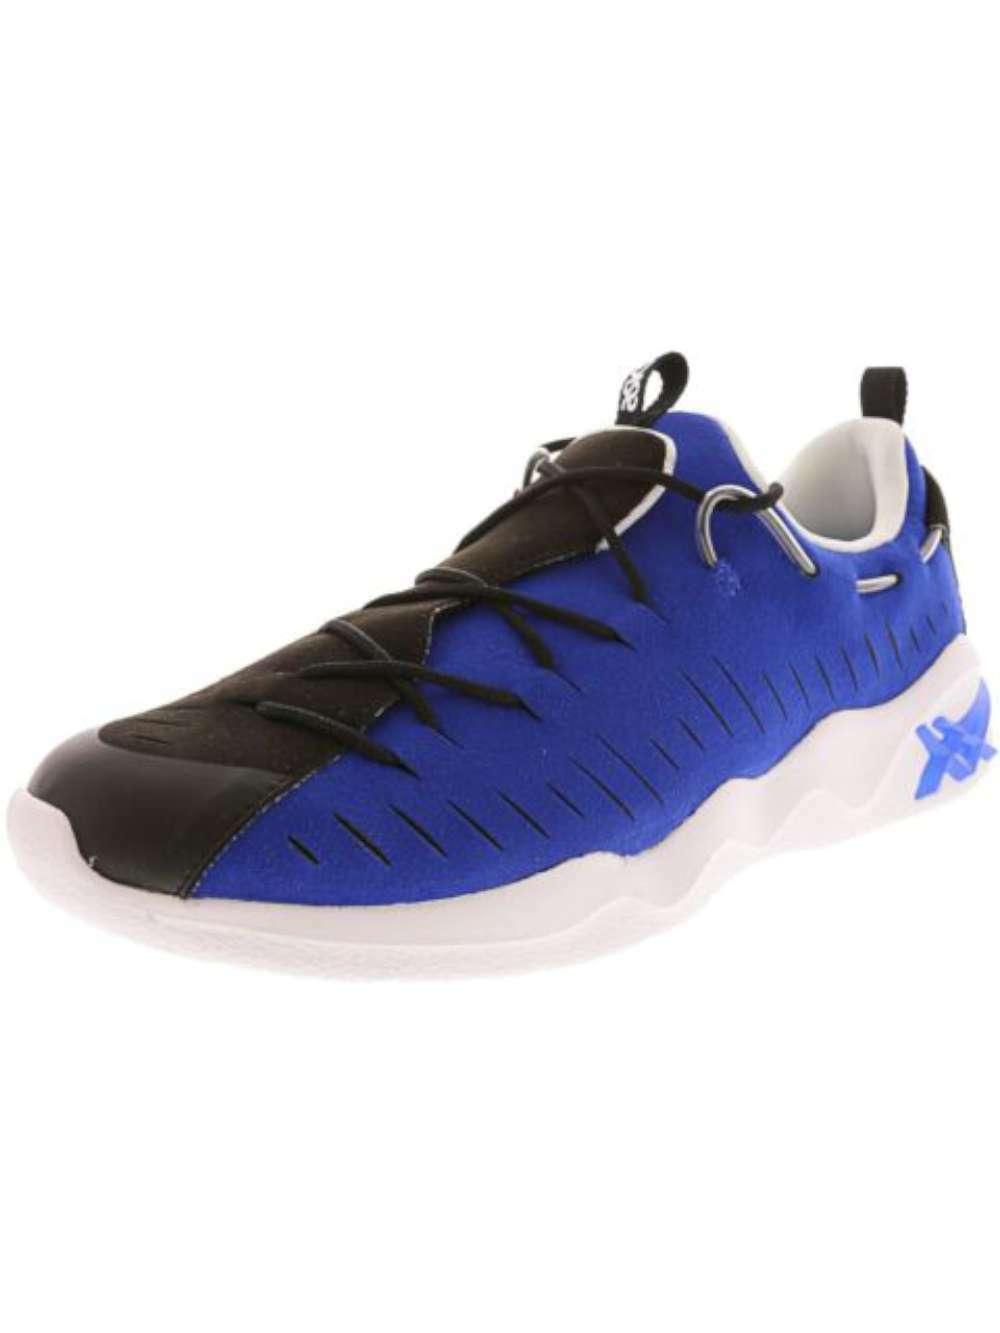 Asics para hombre Mai RB Low Top zapatilla de deporte Con Cordones Correr, Negro Azul Asics, tamaño 10.0